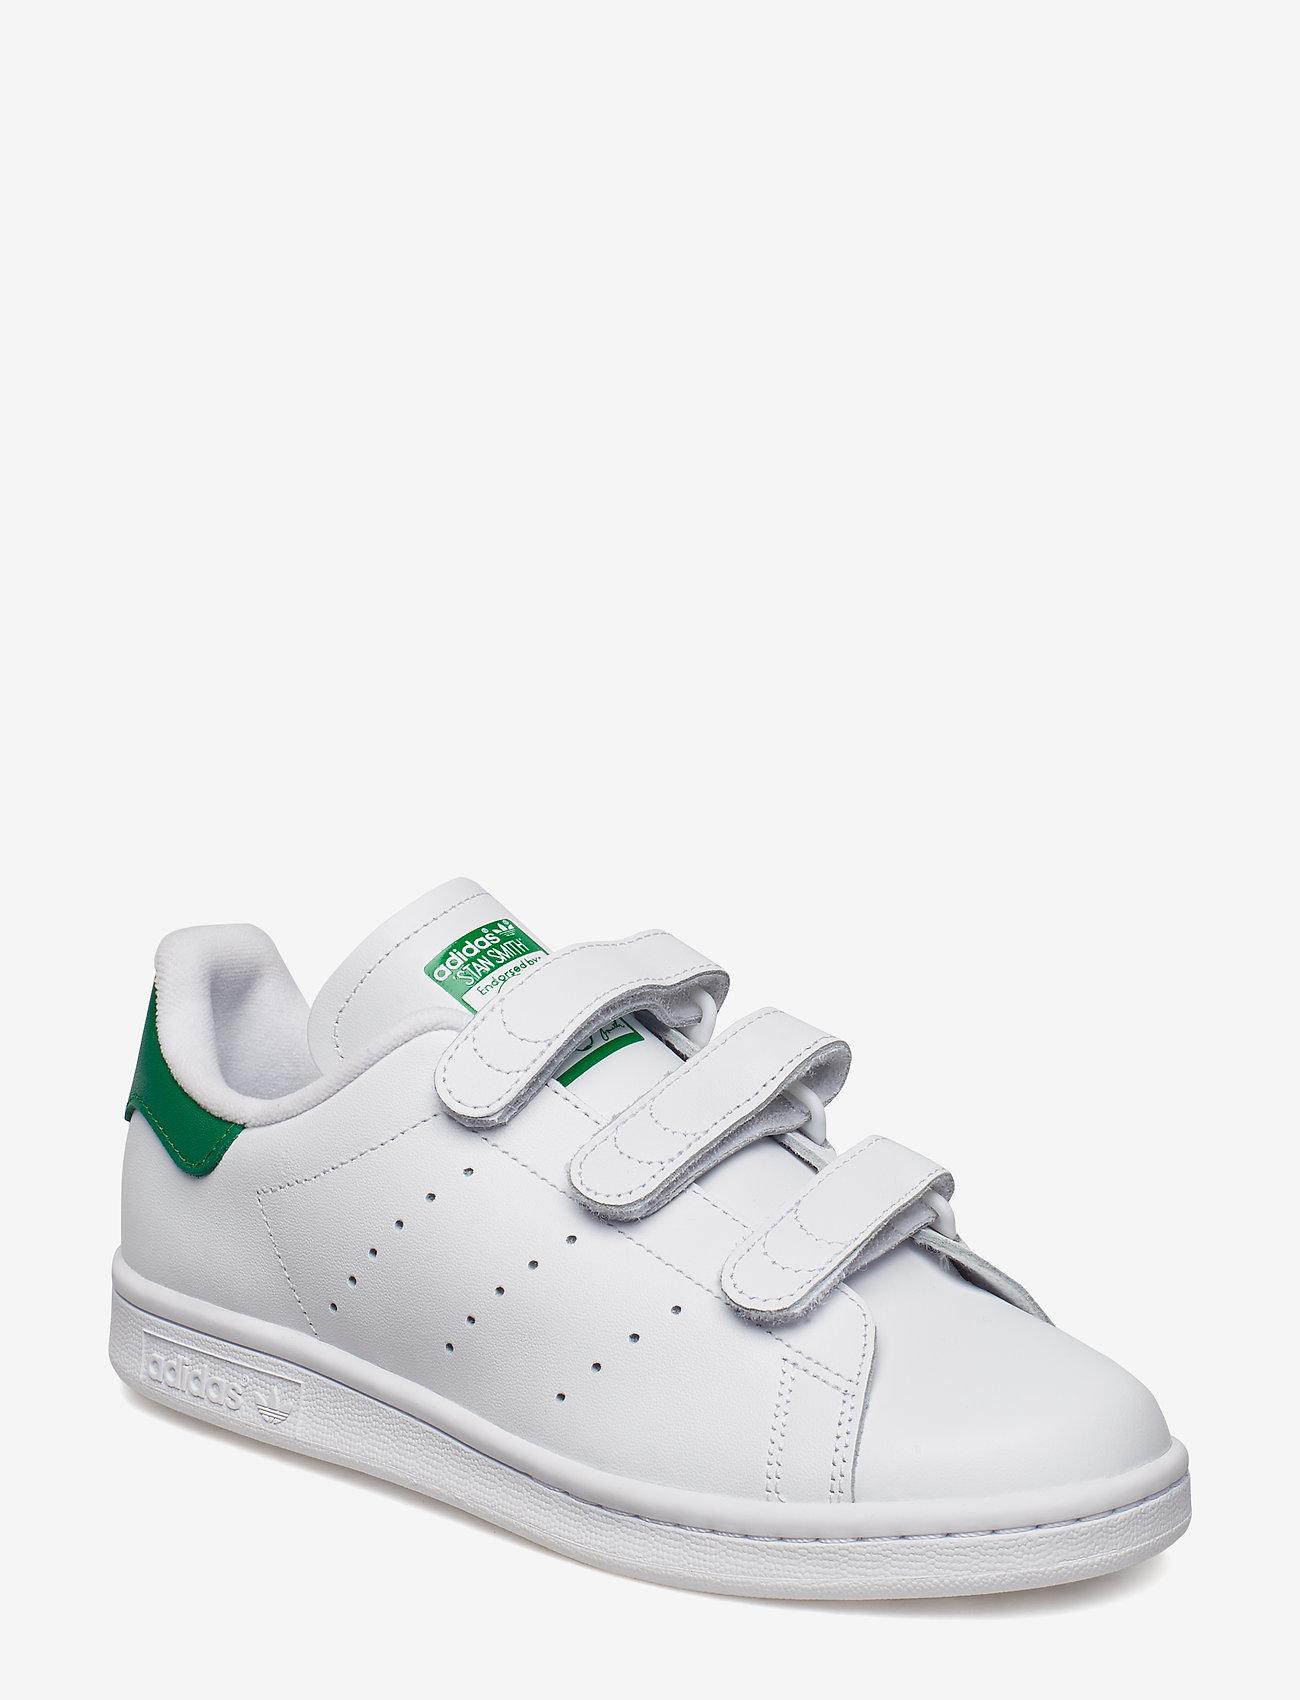 adidas Originals - STAN SMITH CF - lav ankel - ftwwht/ftwwht/green - 0